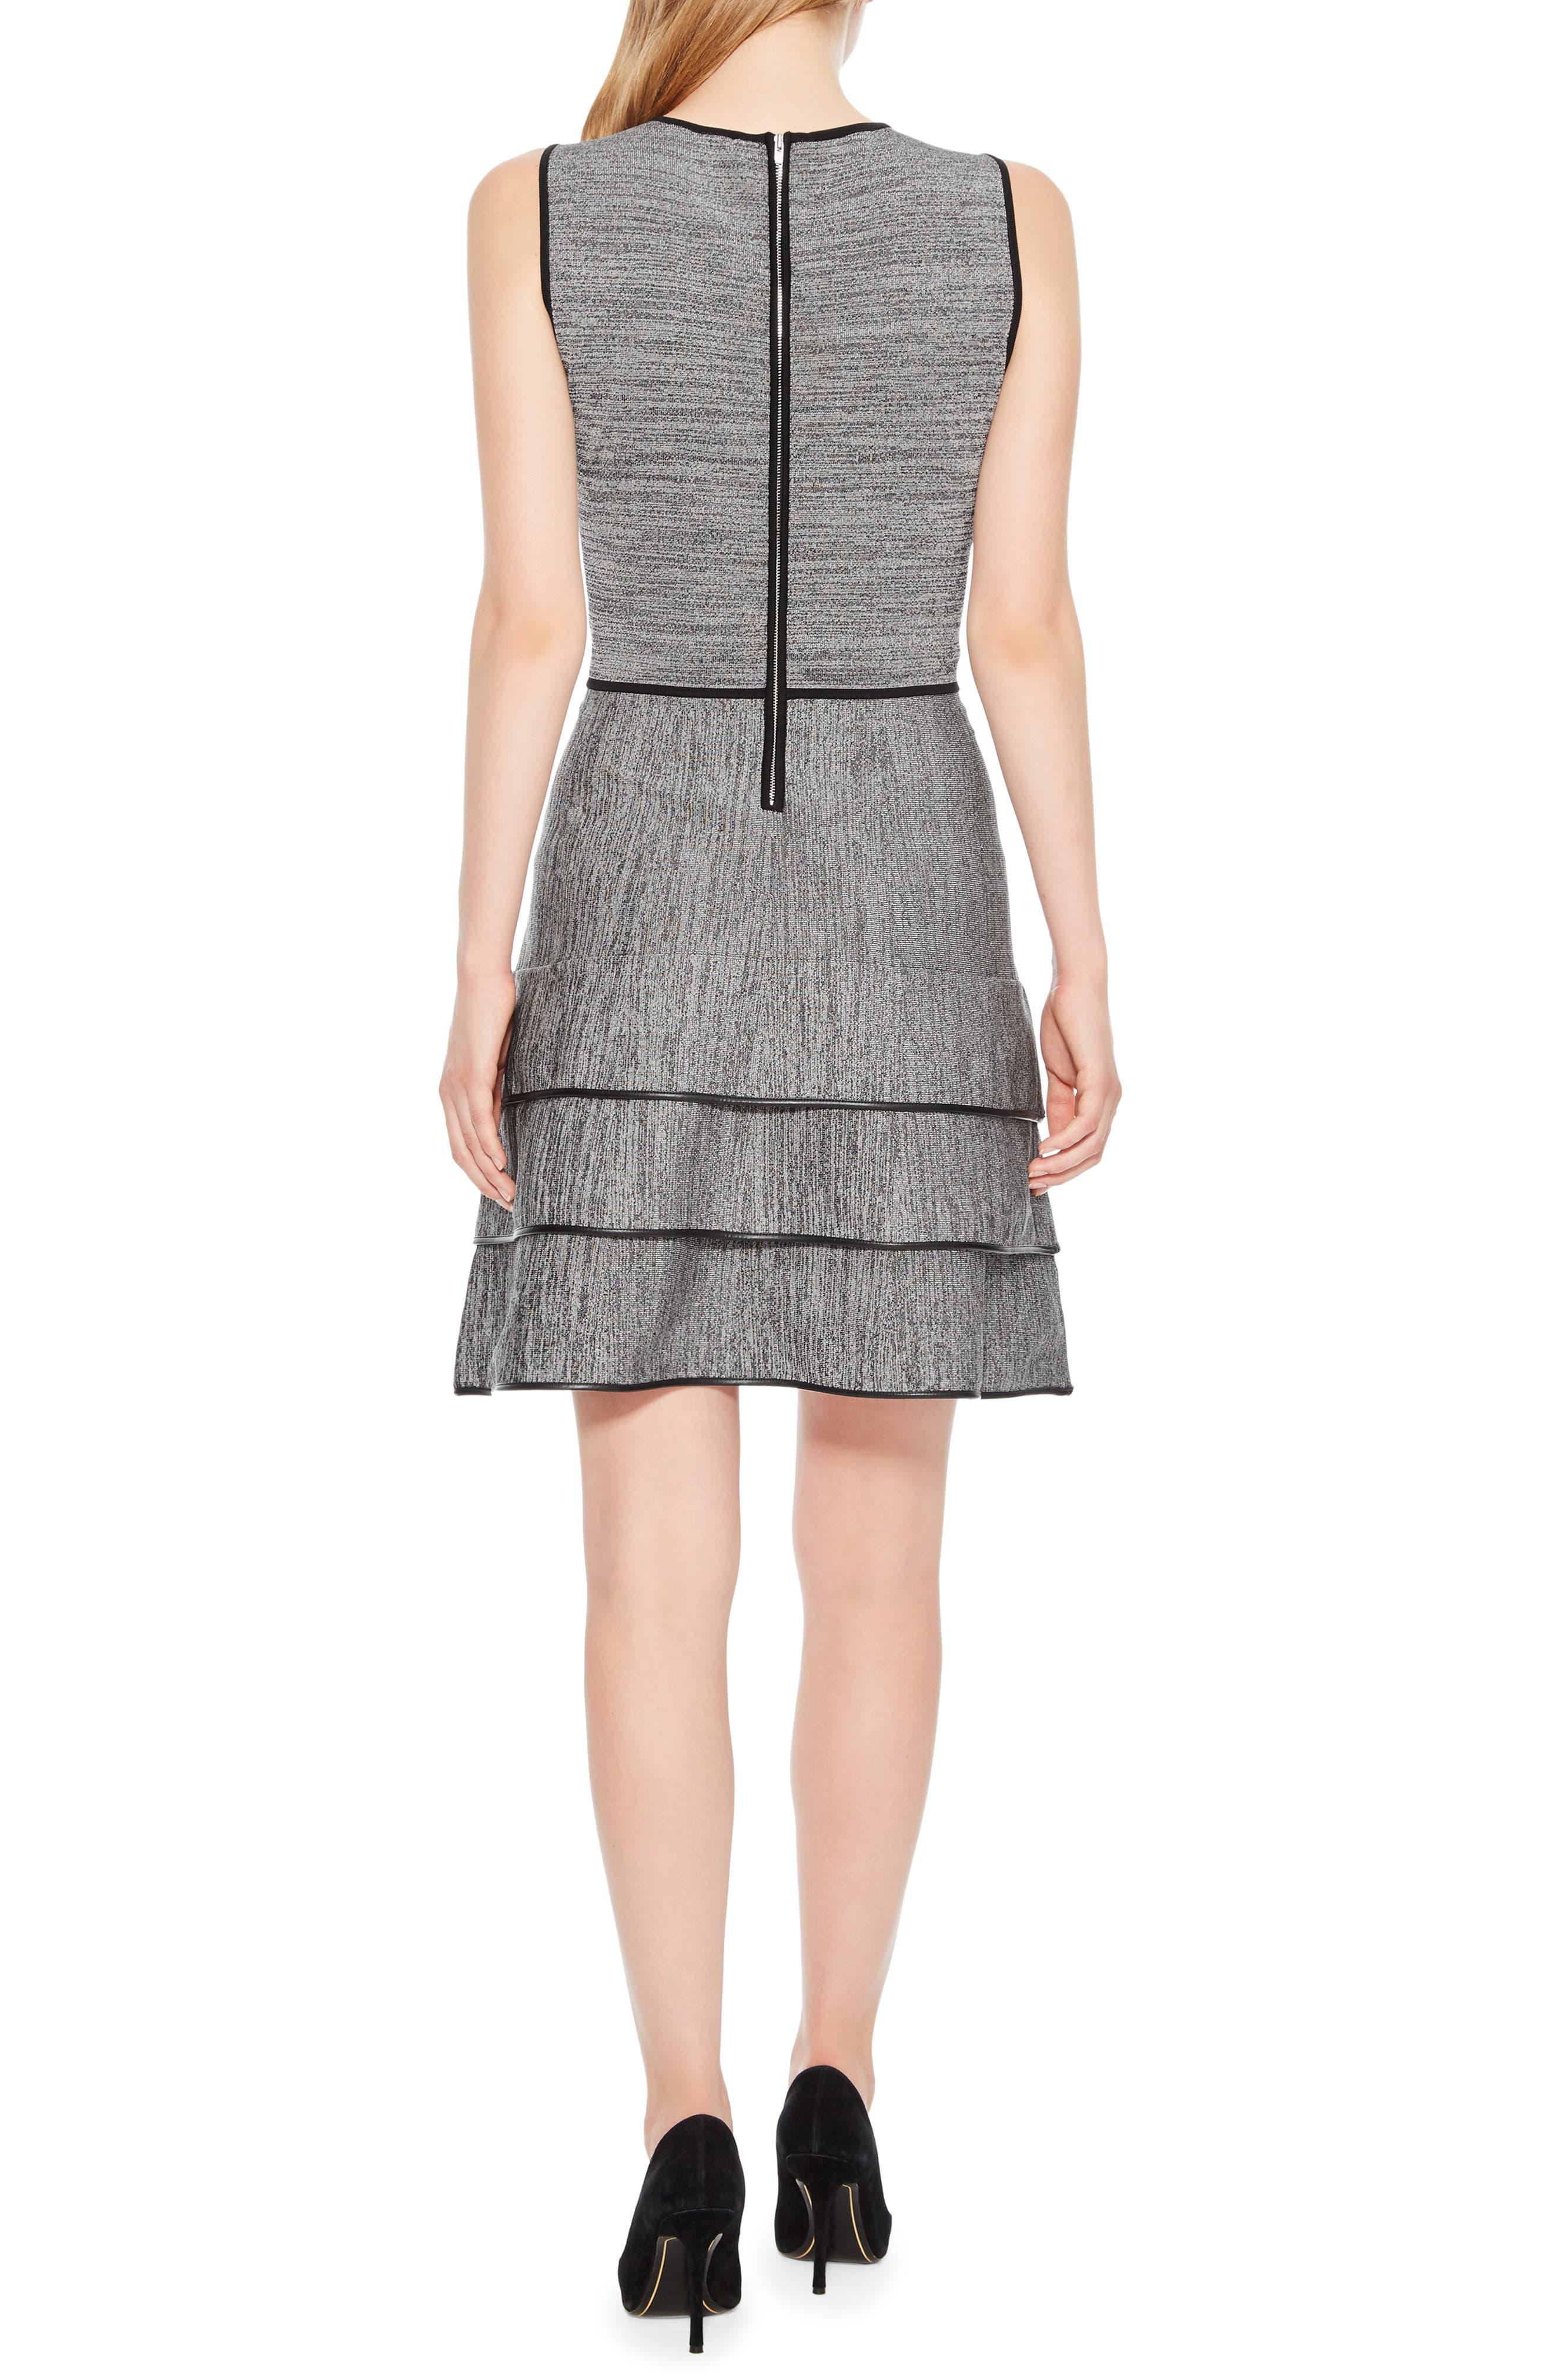 Sondra Knit Dress,                             Alternate thumbnail 2, color,                             005